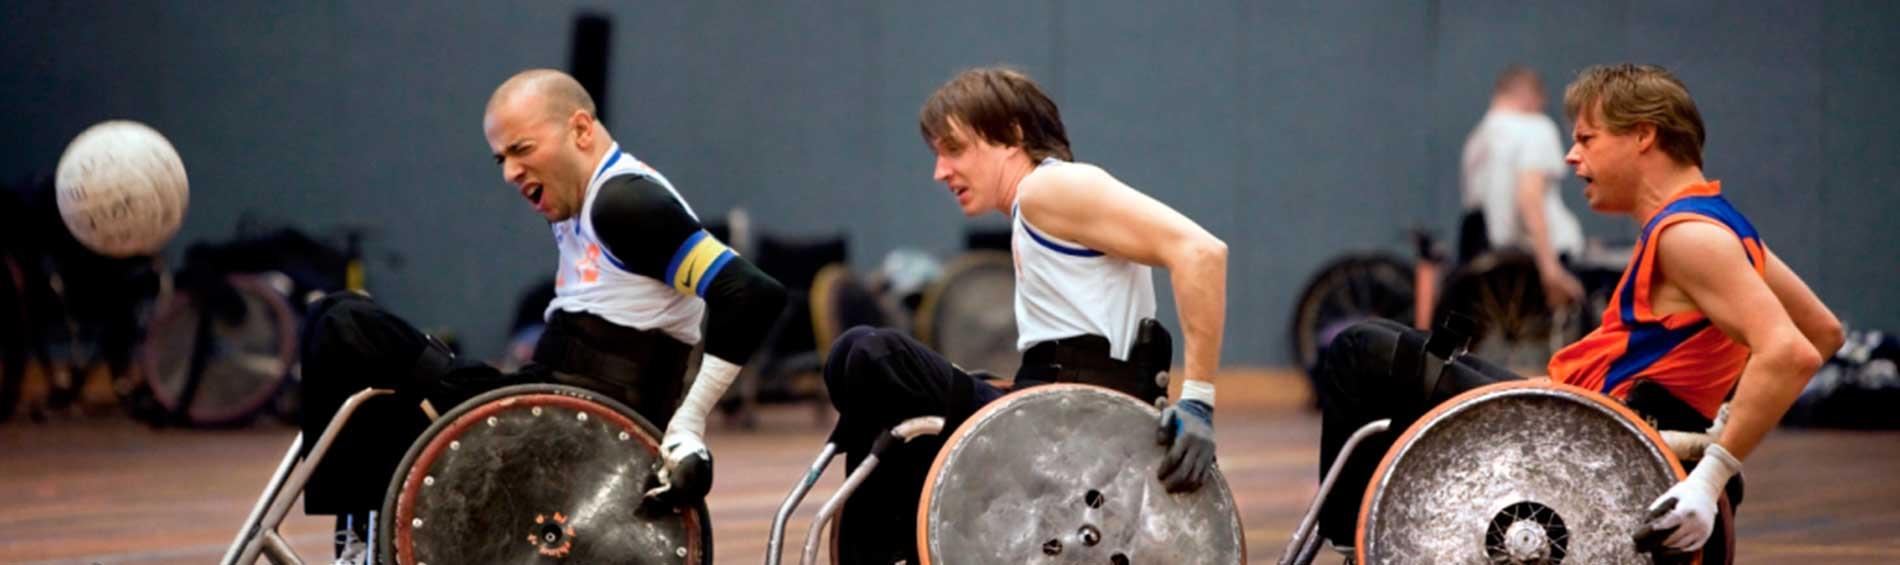 VOG mensen met een handicap